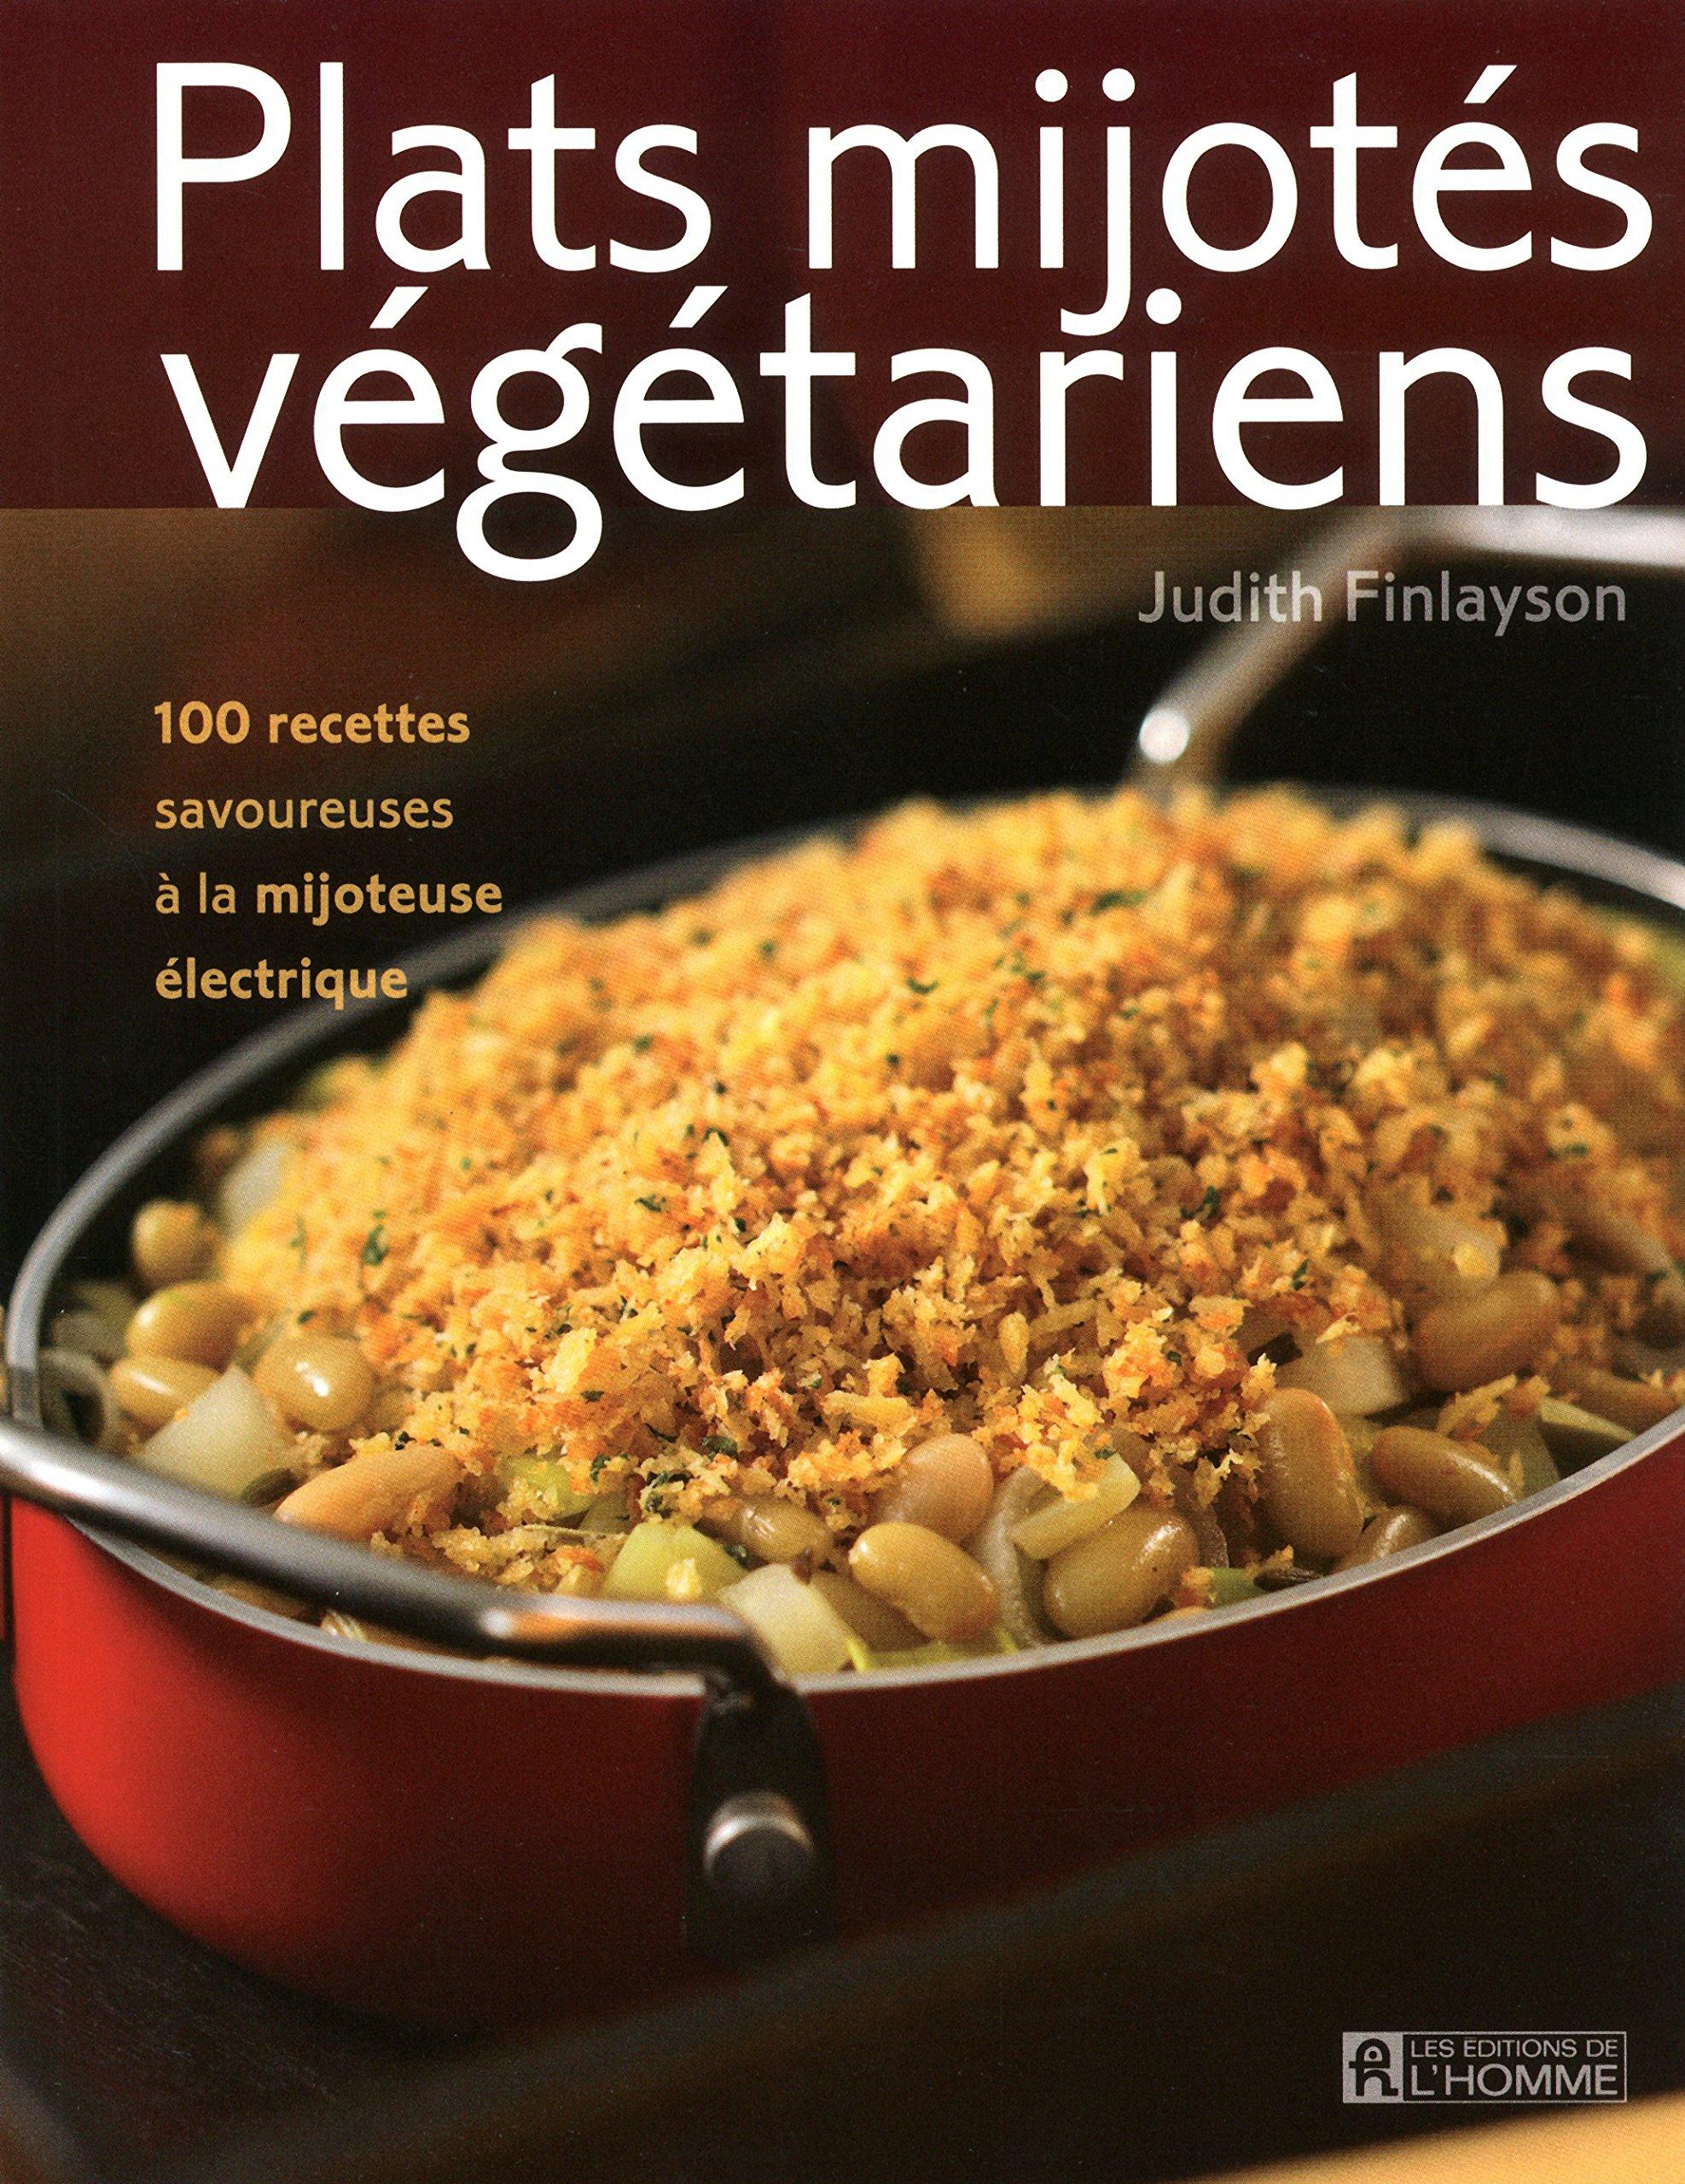 Plats mijotés végétariens: 100 recettes savoureuses à la mijoteuse  électrique: Amazon.ca: Judith Finlayson: Books